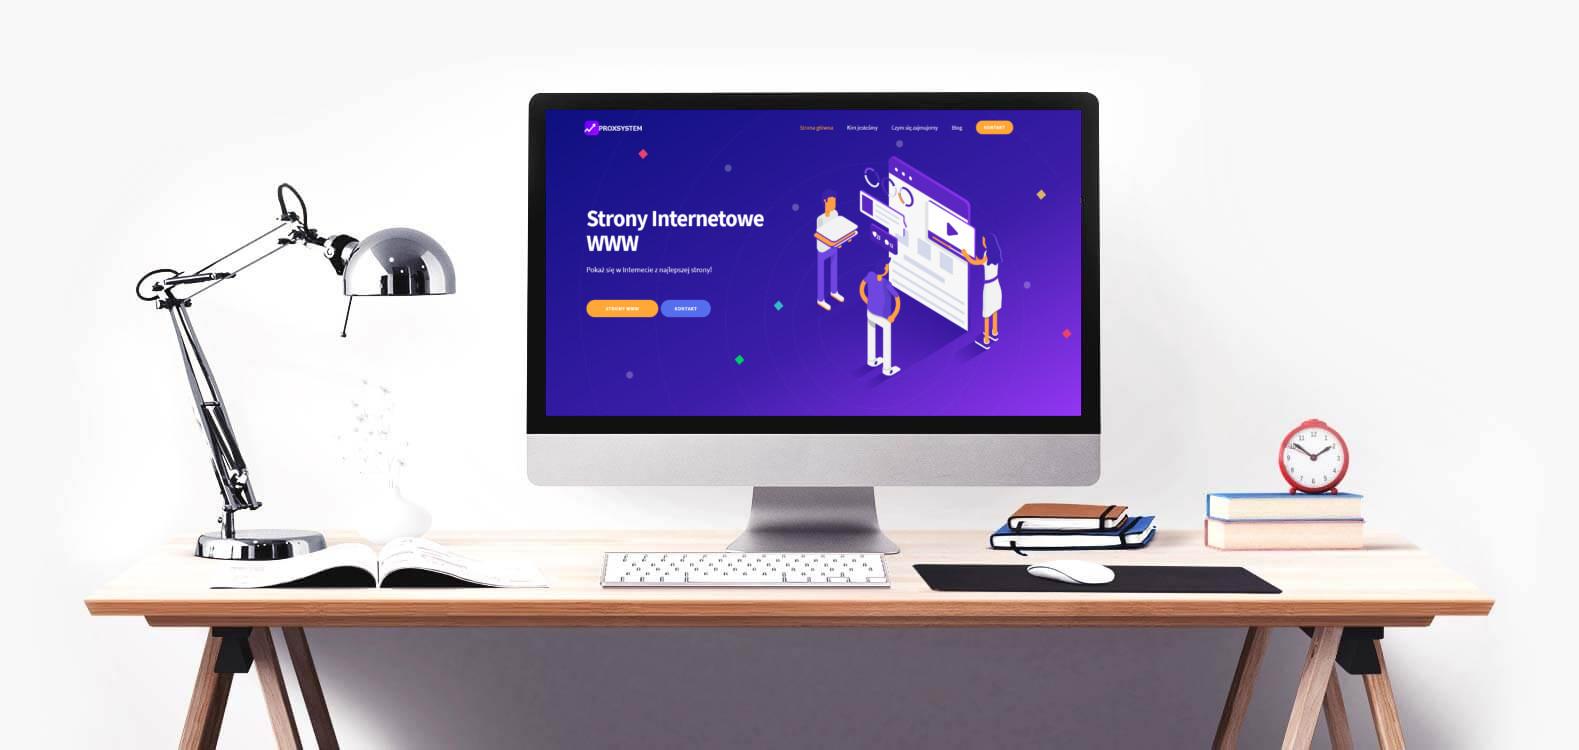 Biurko z monitorem, wyświetlana strona internetowa